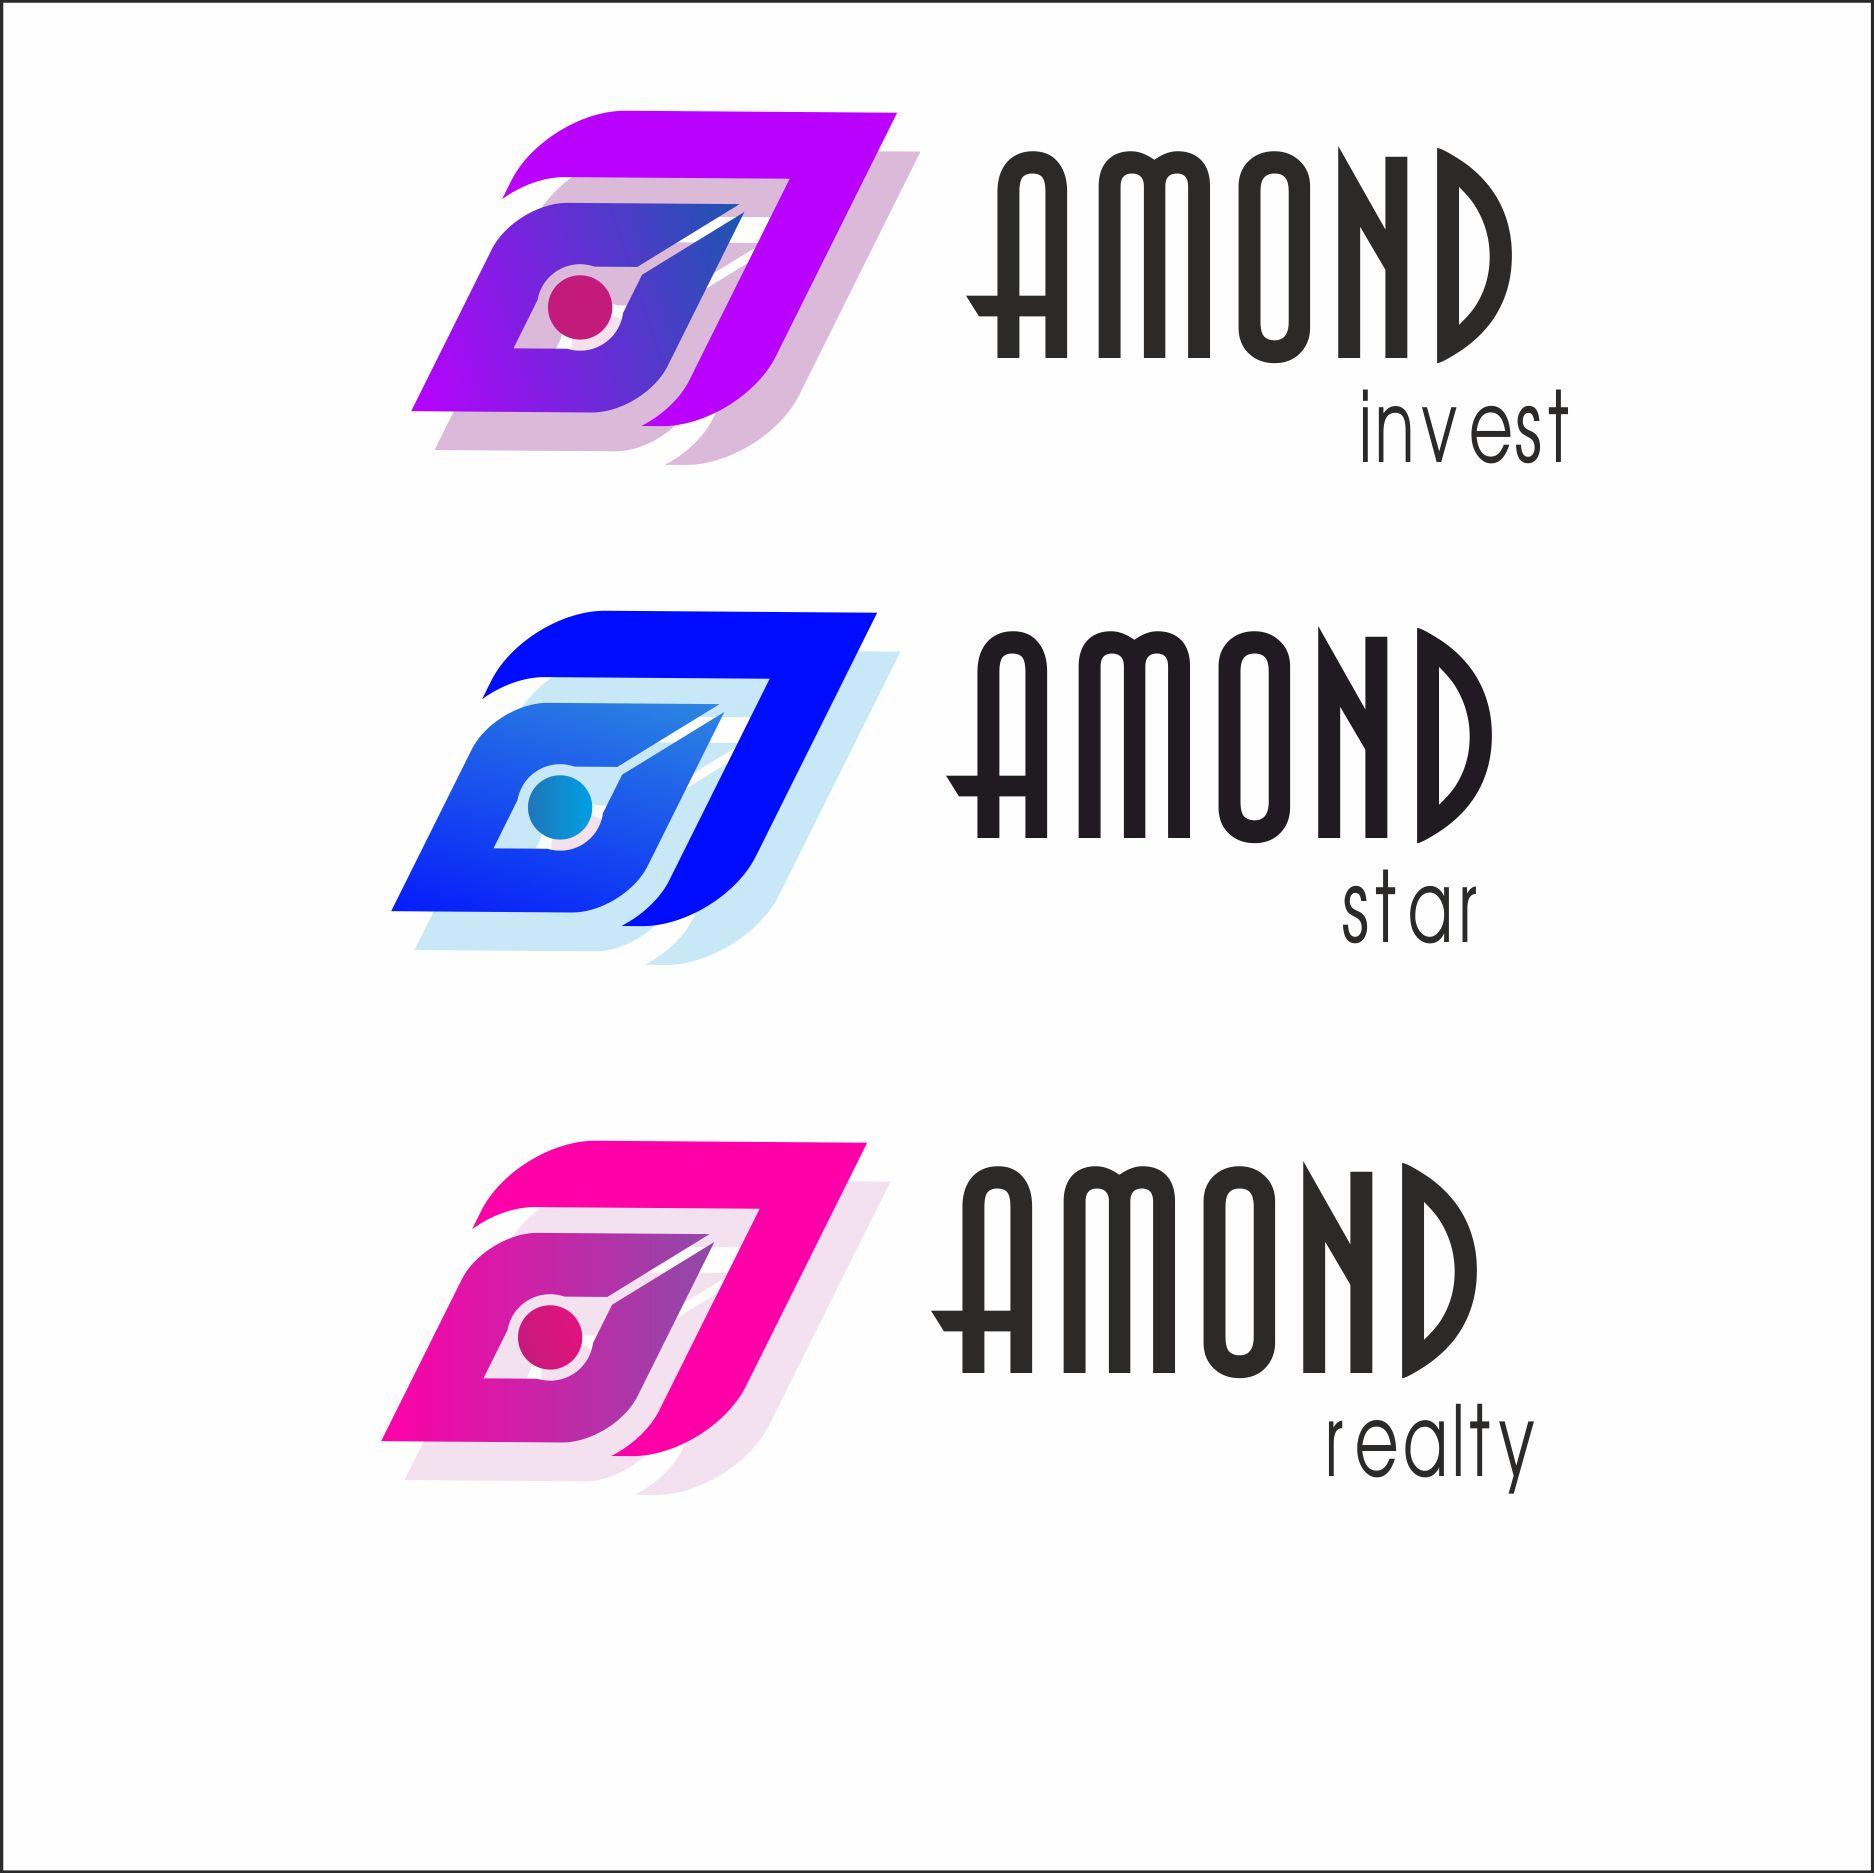 Логотип для группы компаний  - дизайнер 1511993